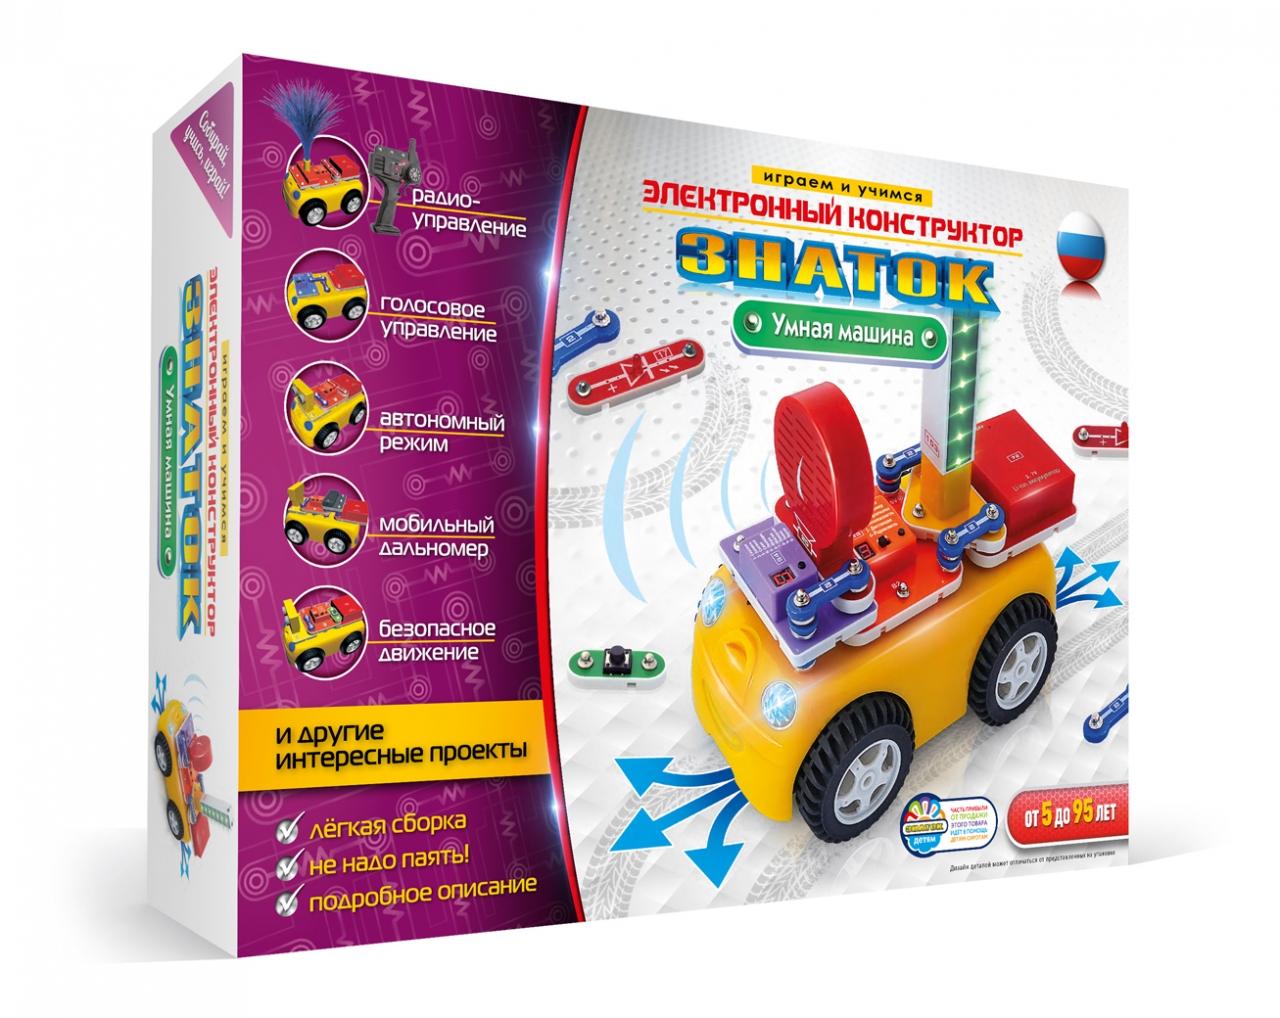 Купить Конструктор ЗНАТОК ZP-70691 Умная машина, Знаток, Пластик, металл, Для мальчиков и девочек, Китай, Конструкторы